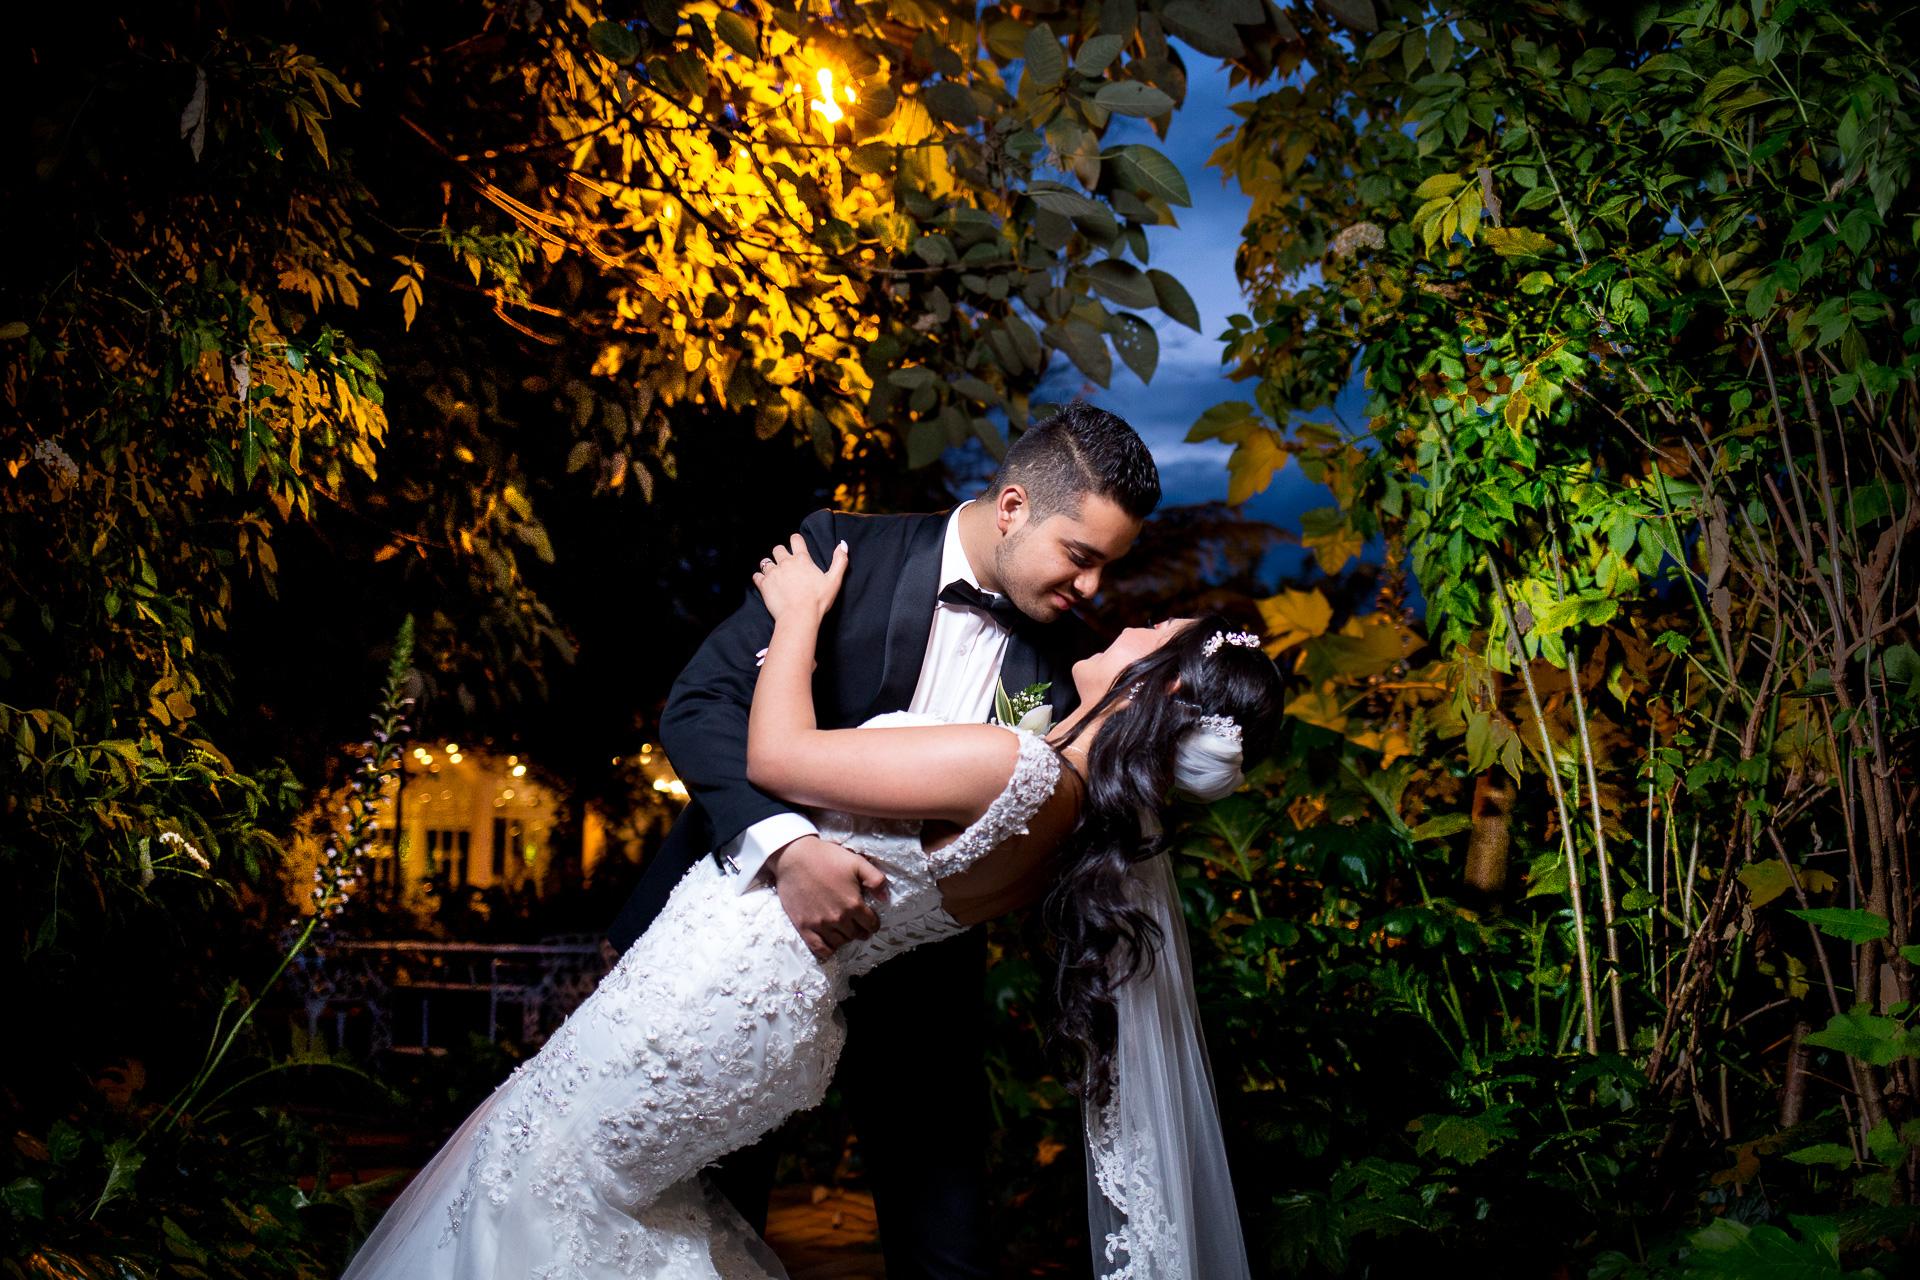 Fotógrafos-de-bodas-en-Colombia-Alejandro-y-Angelica-36 ALEJANDRO + ANGELICA